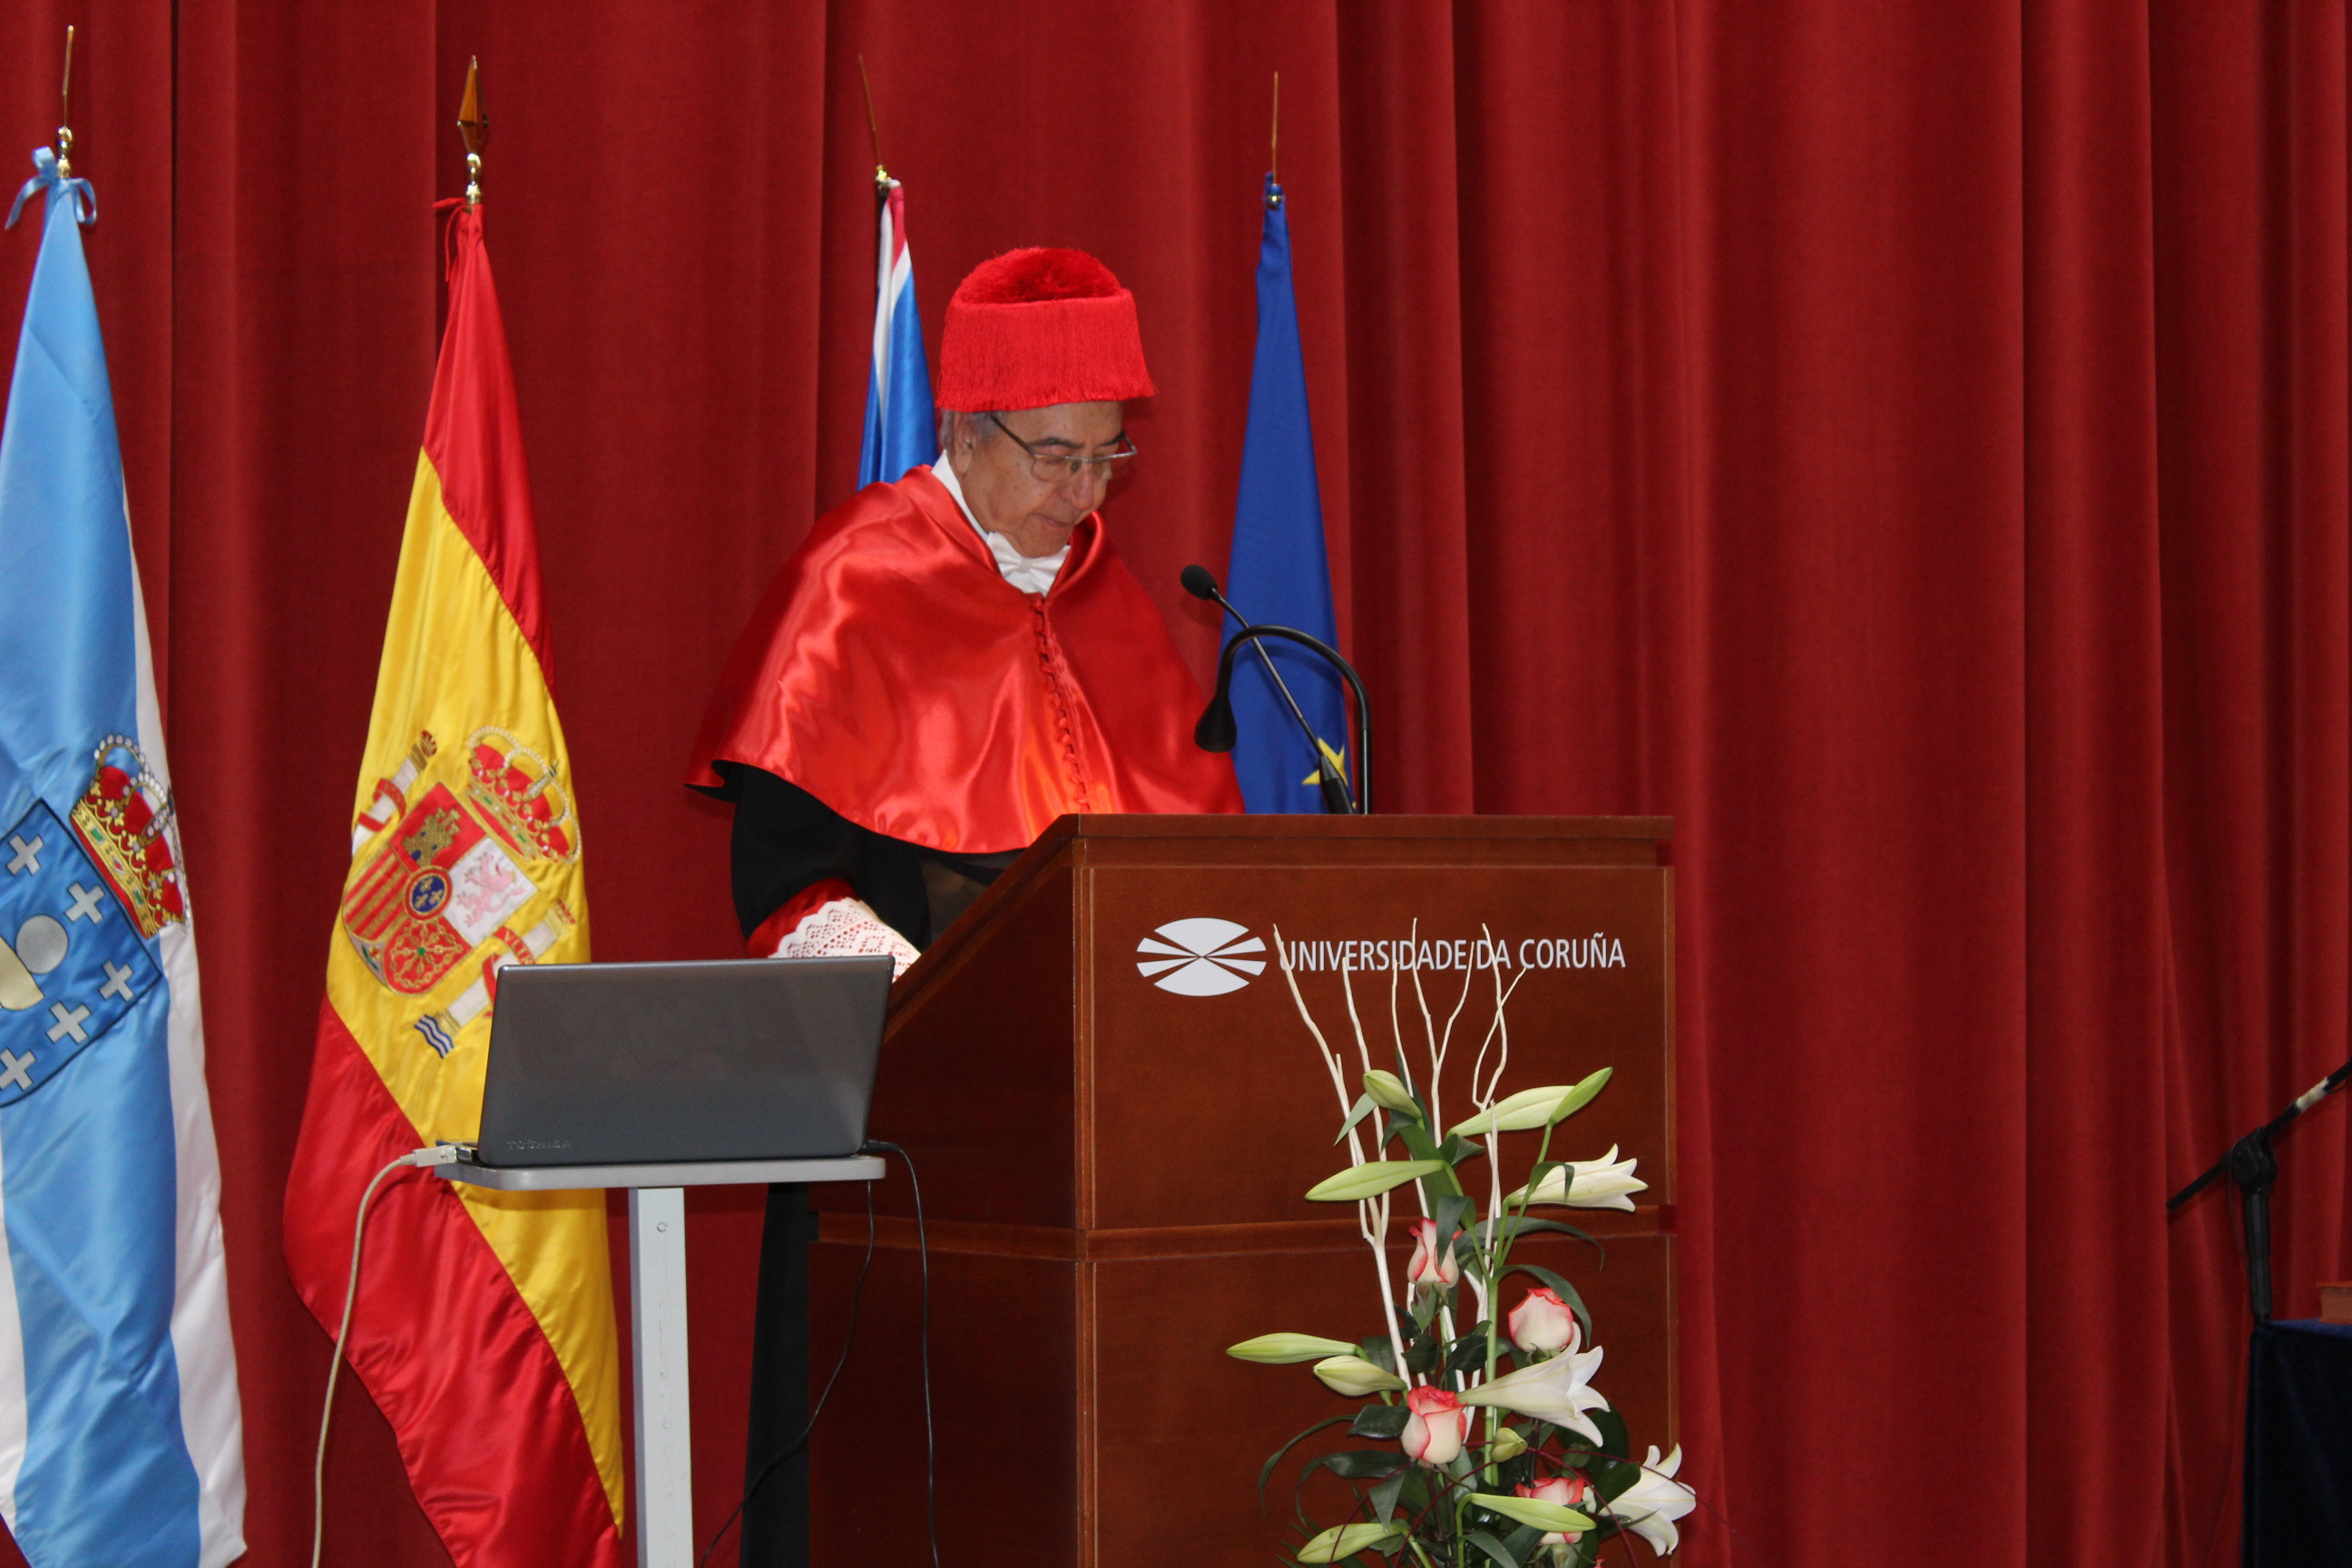 Enrique Orts